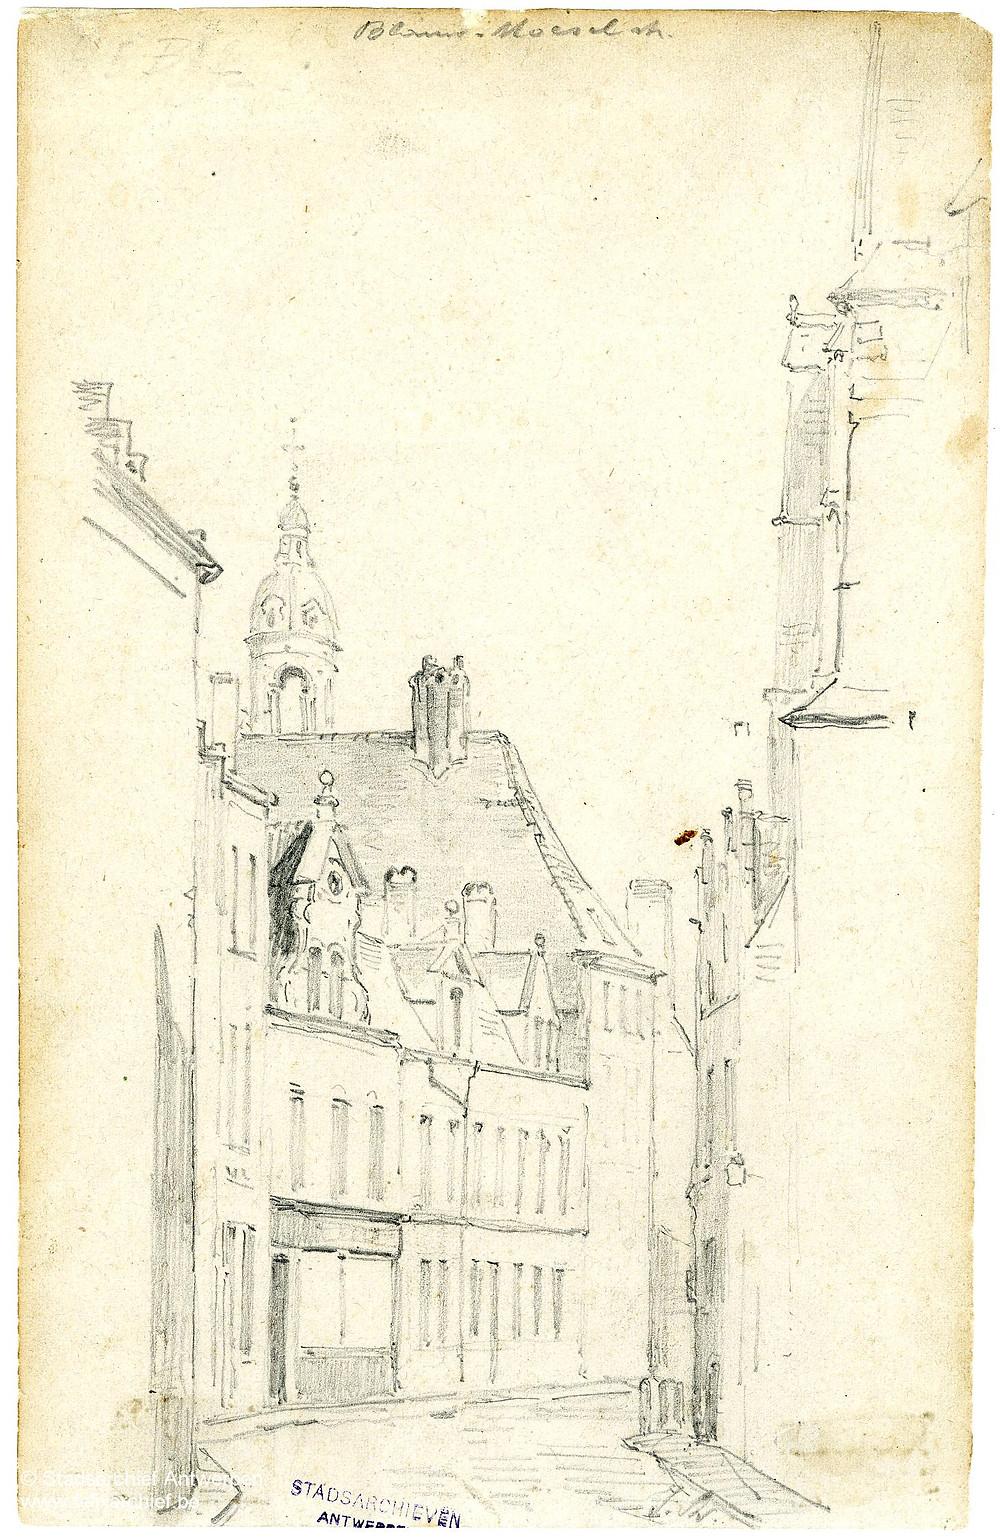 Blauwmoezelstraat